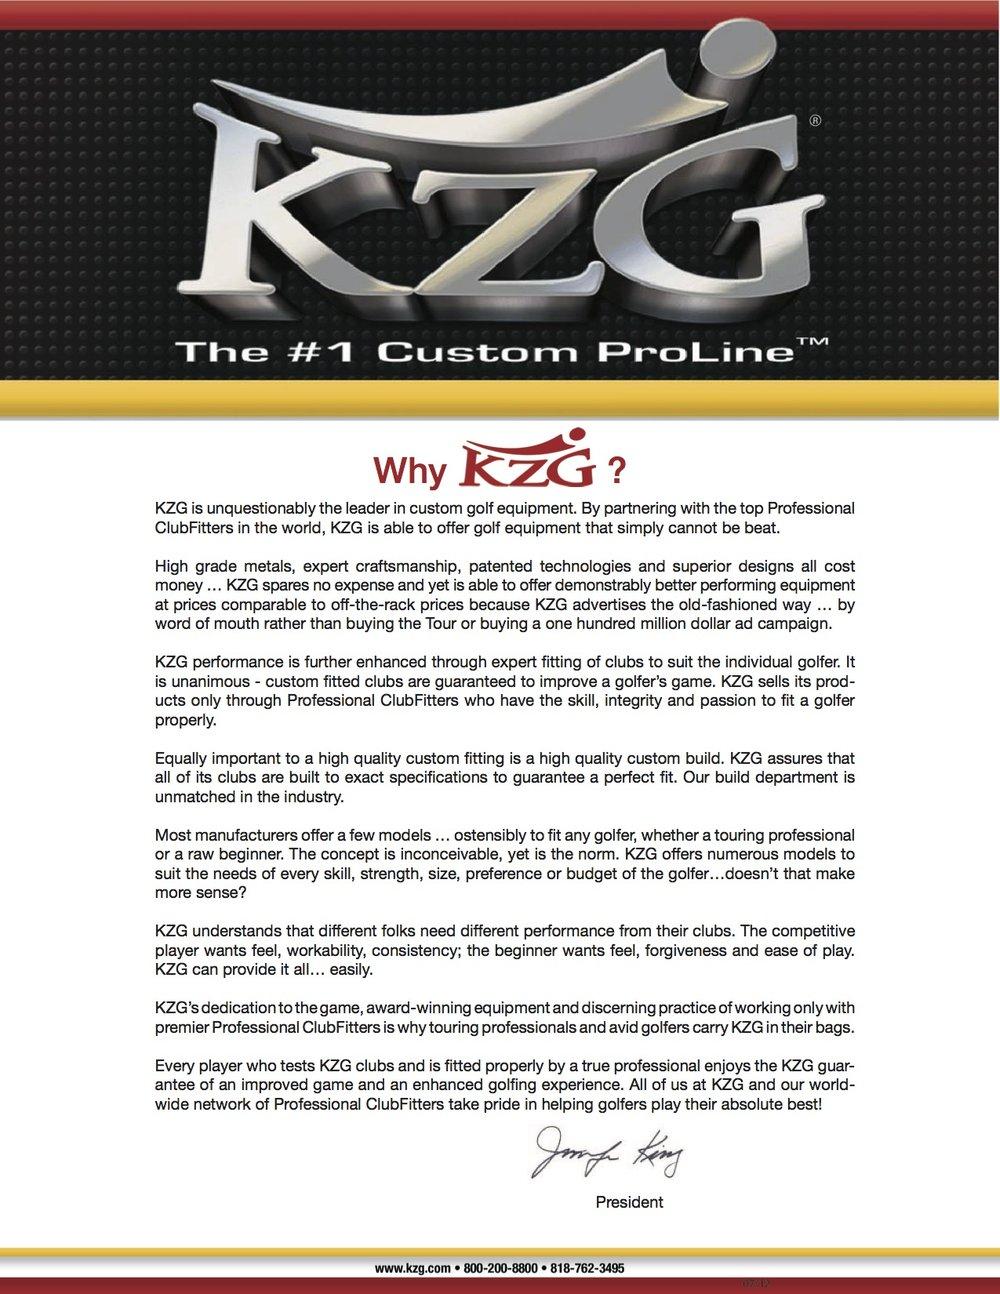 09.0 Why KZG copy.jpg